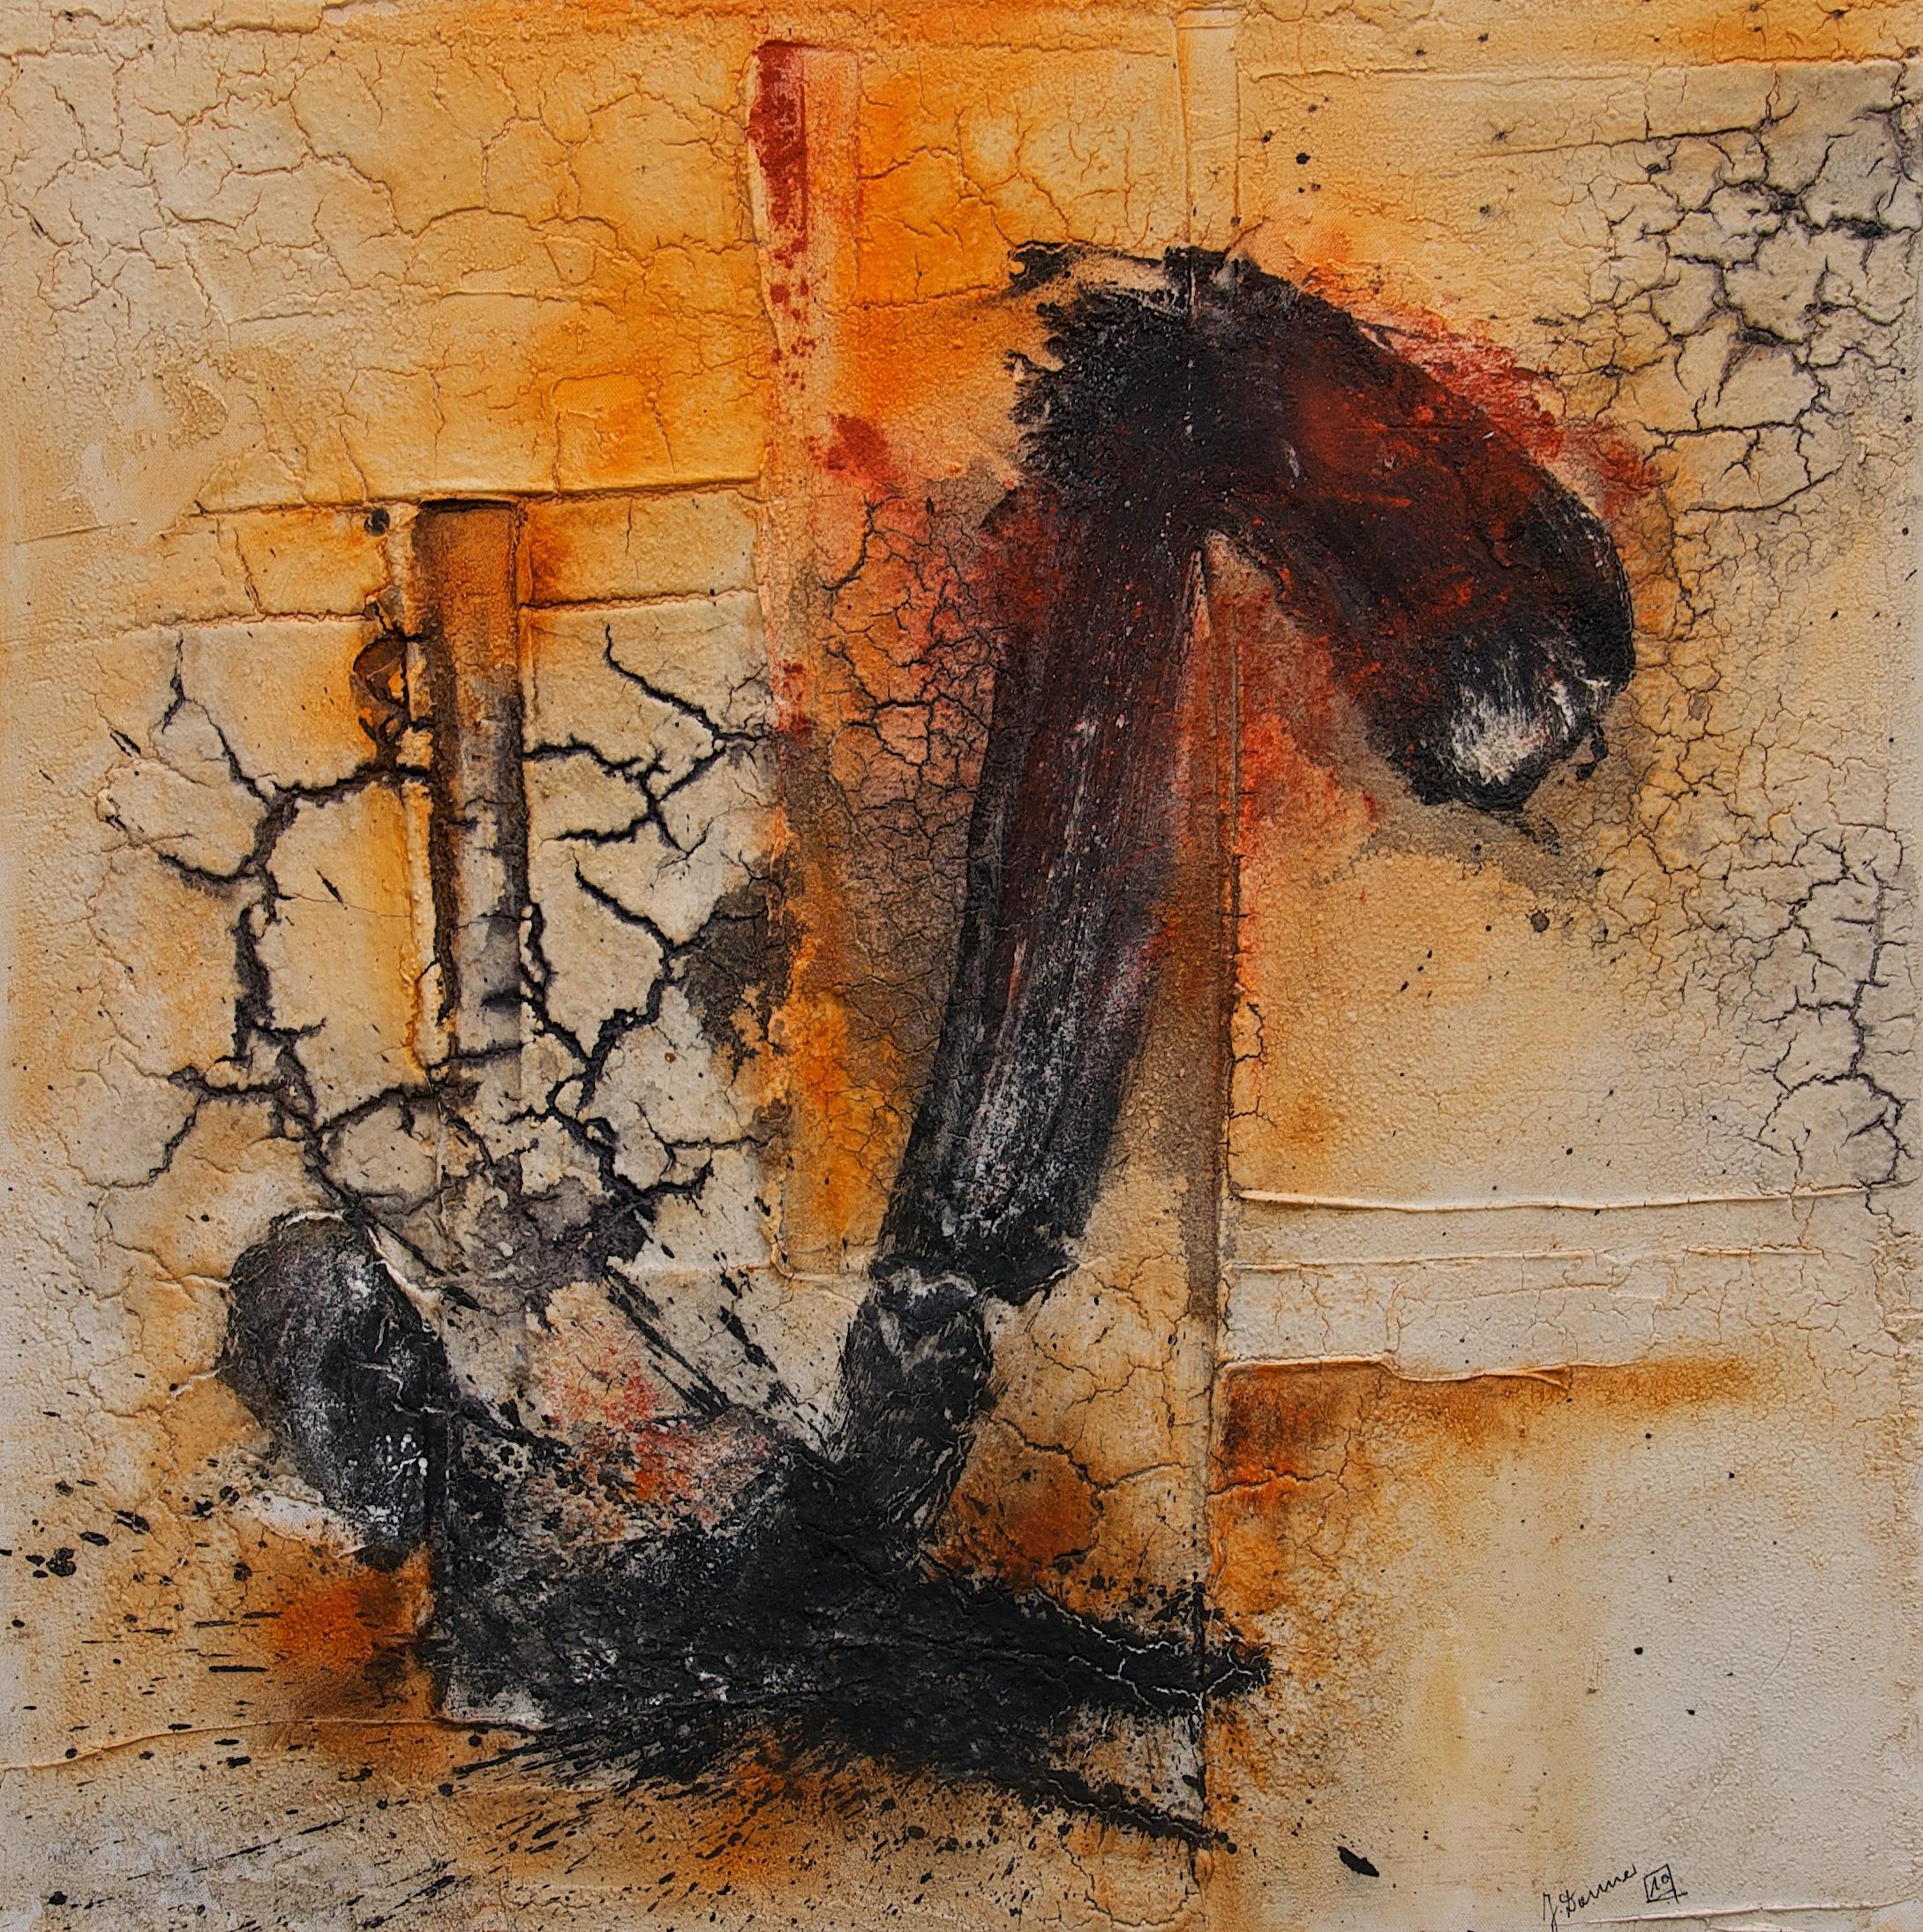 Leinwand_Marmormehl_Pigmente_Öl_Tusche_Beize_100 x 120 cm